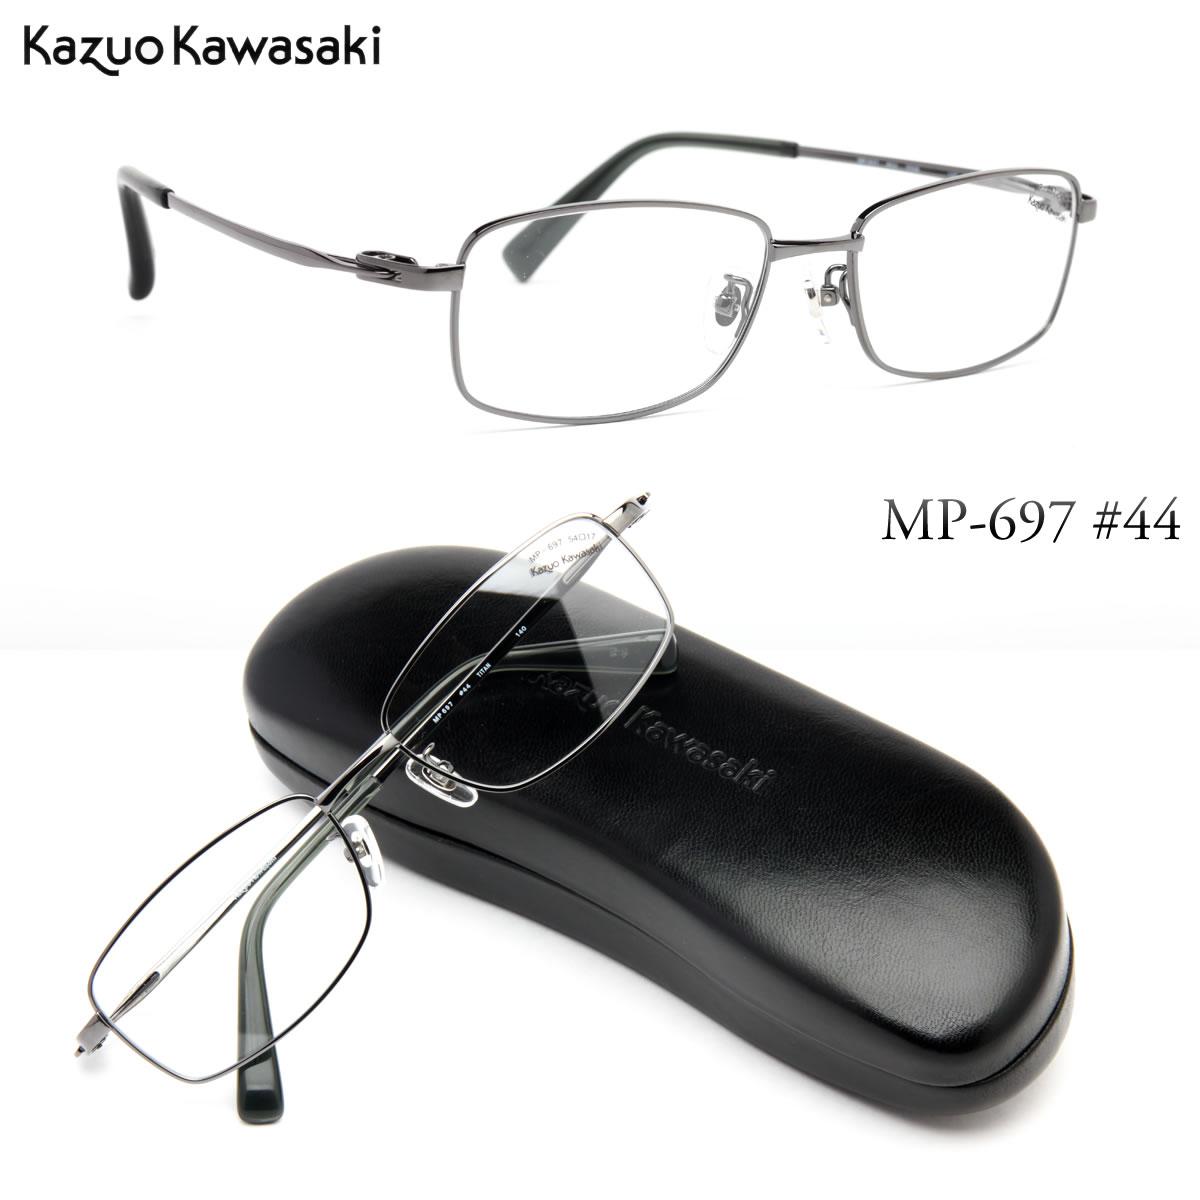 ポイント最大42倍!!お得なクーポンも !! 【KAZUO KAWASAKI メガネ】カワサキカズオ メガネフレーム MP697 44 54サイズ